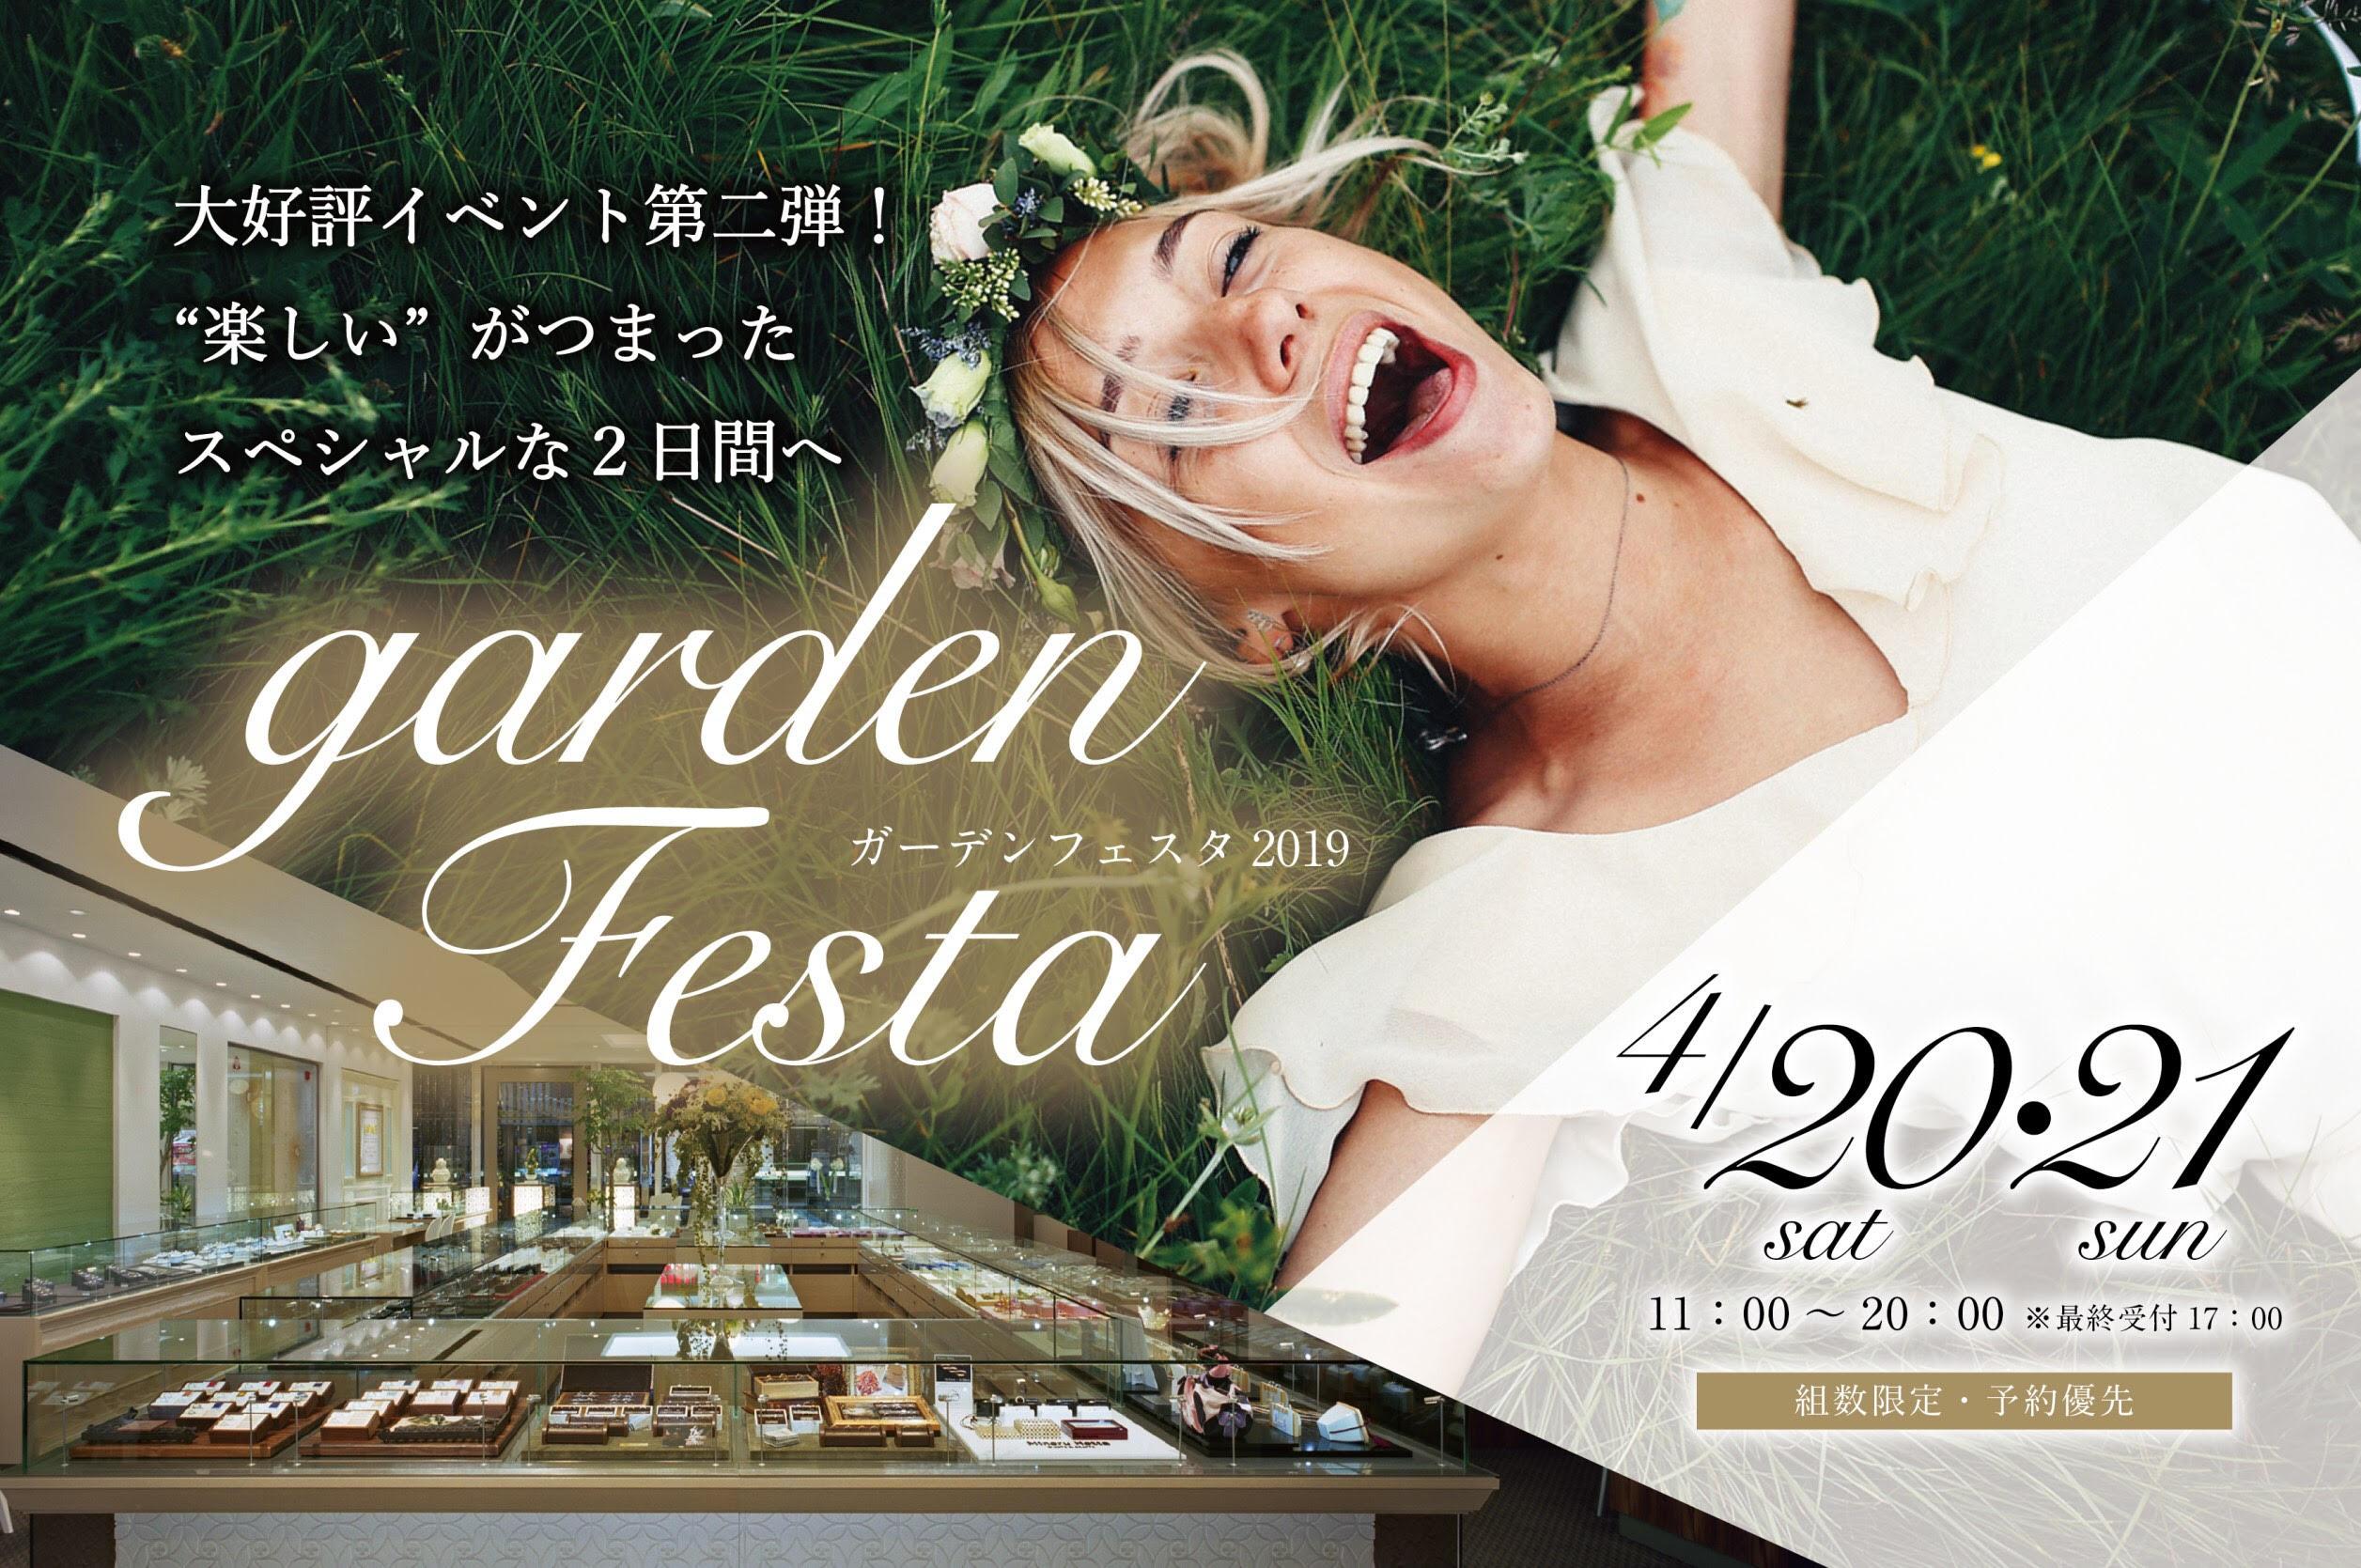 garden Festa 2019/4/20(土)・21(日)ご予約承り中☆